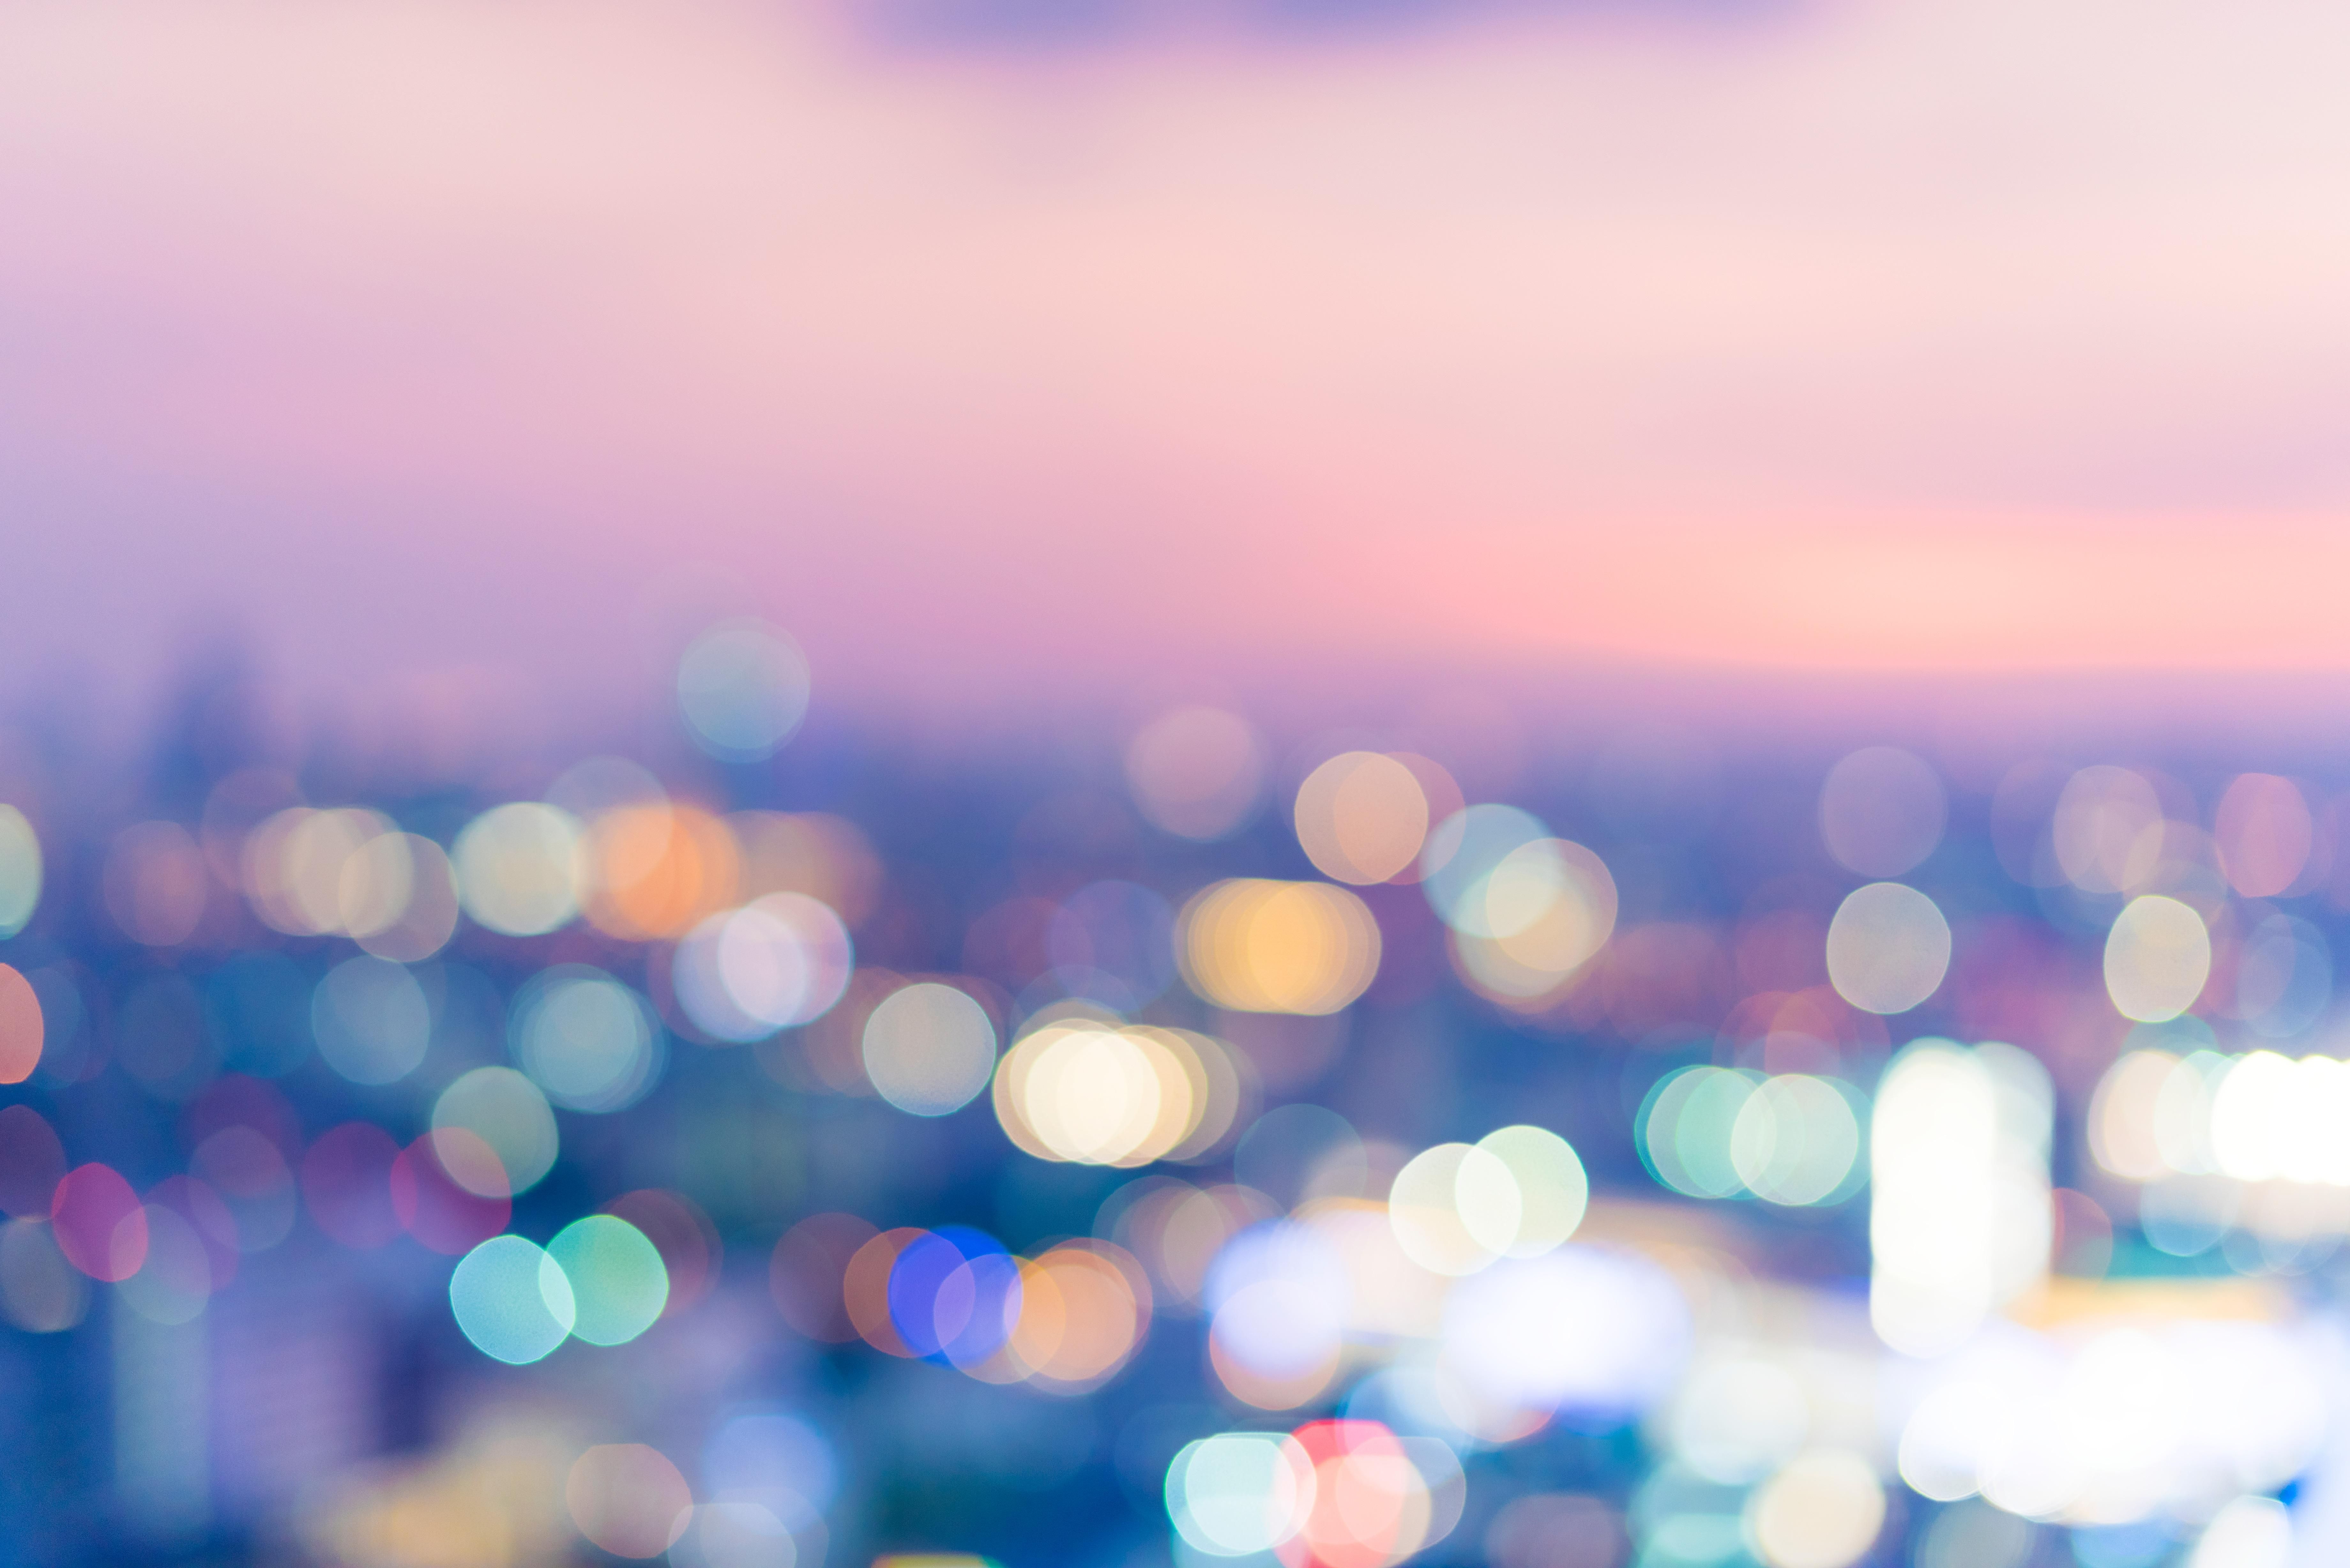 Bokeh Blur Colorful 8k, HD Photography, 4k Wallpapers ...